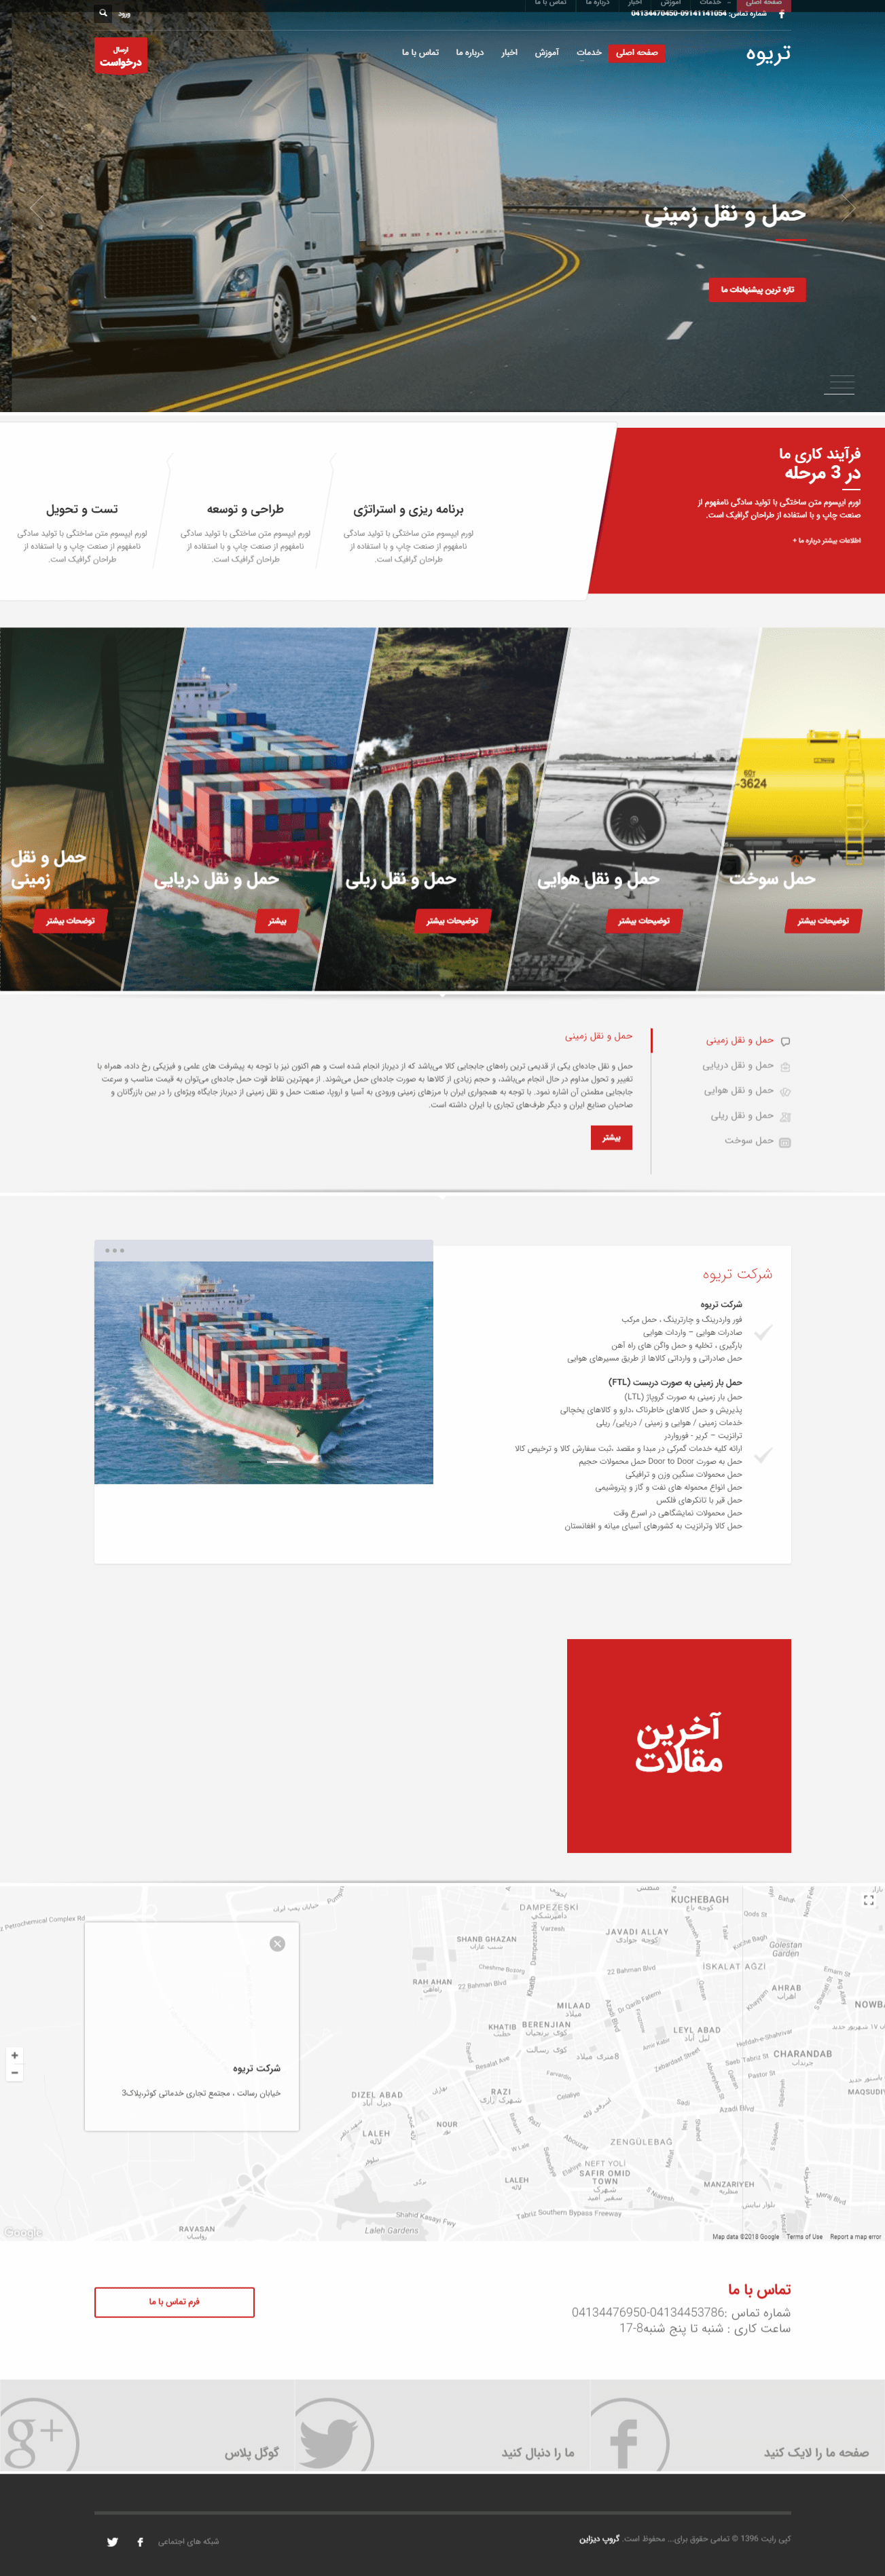 طراحی سایت شرکتی تریوه